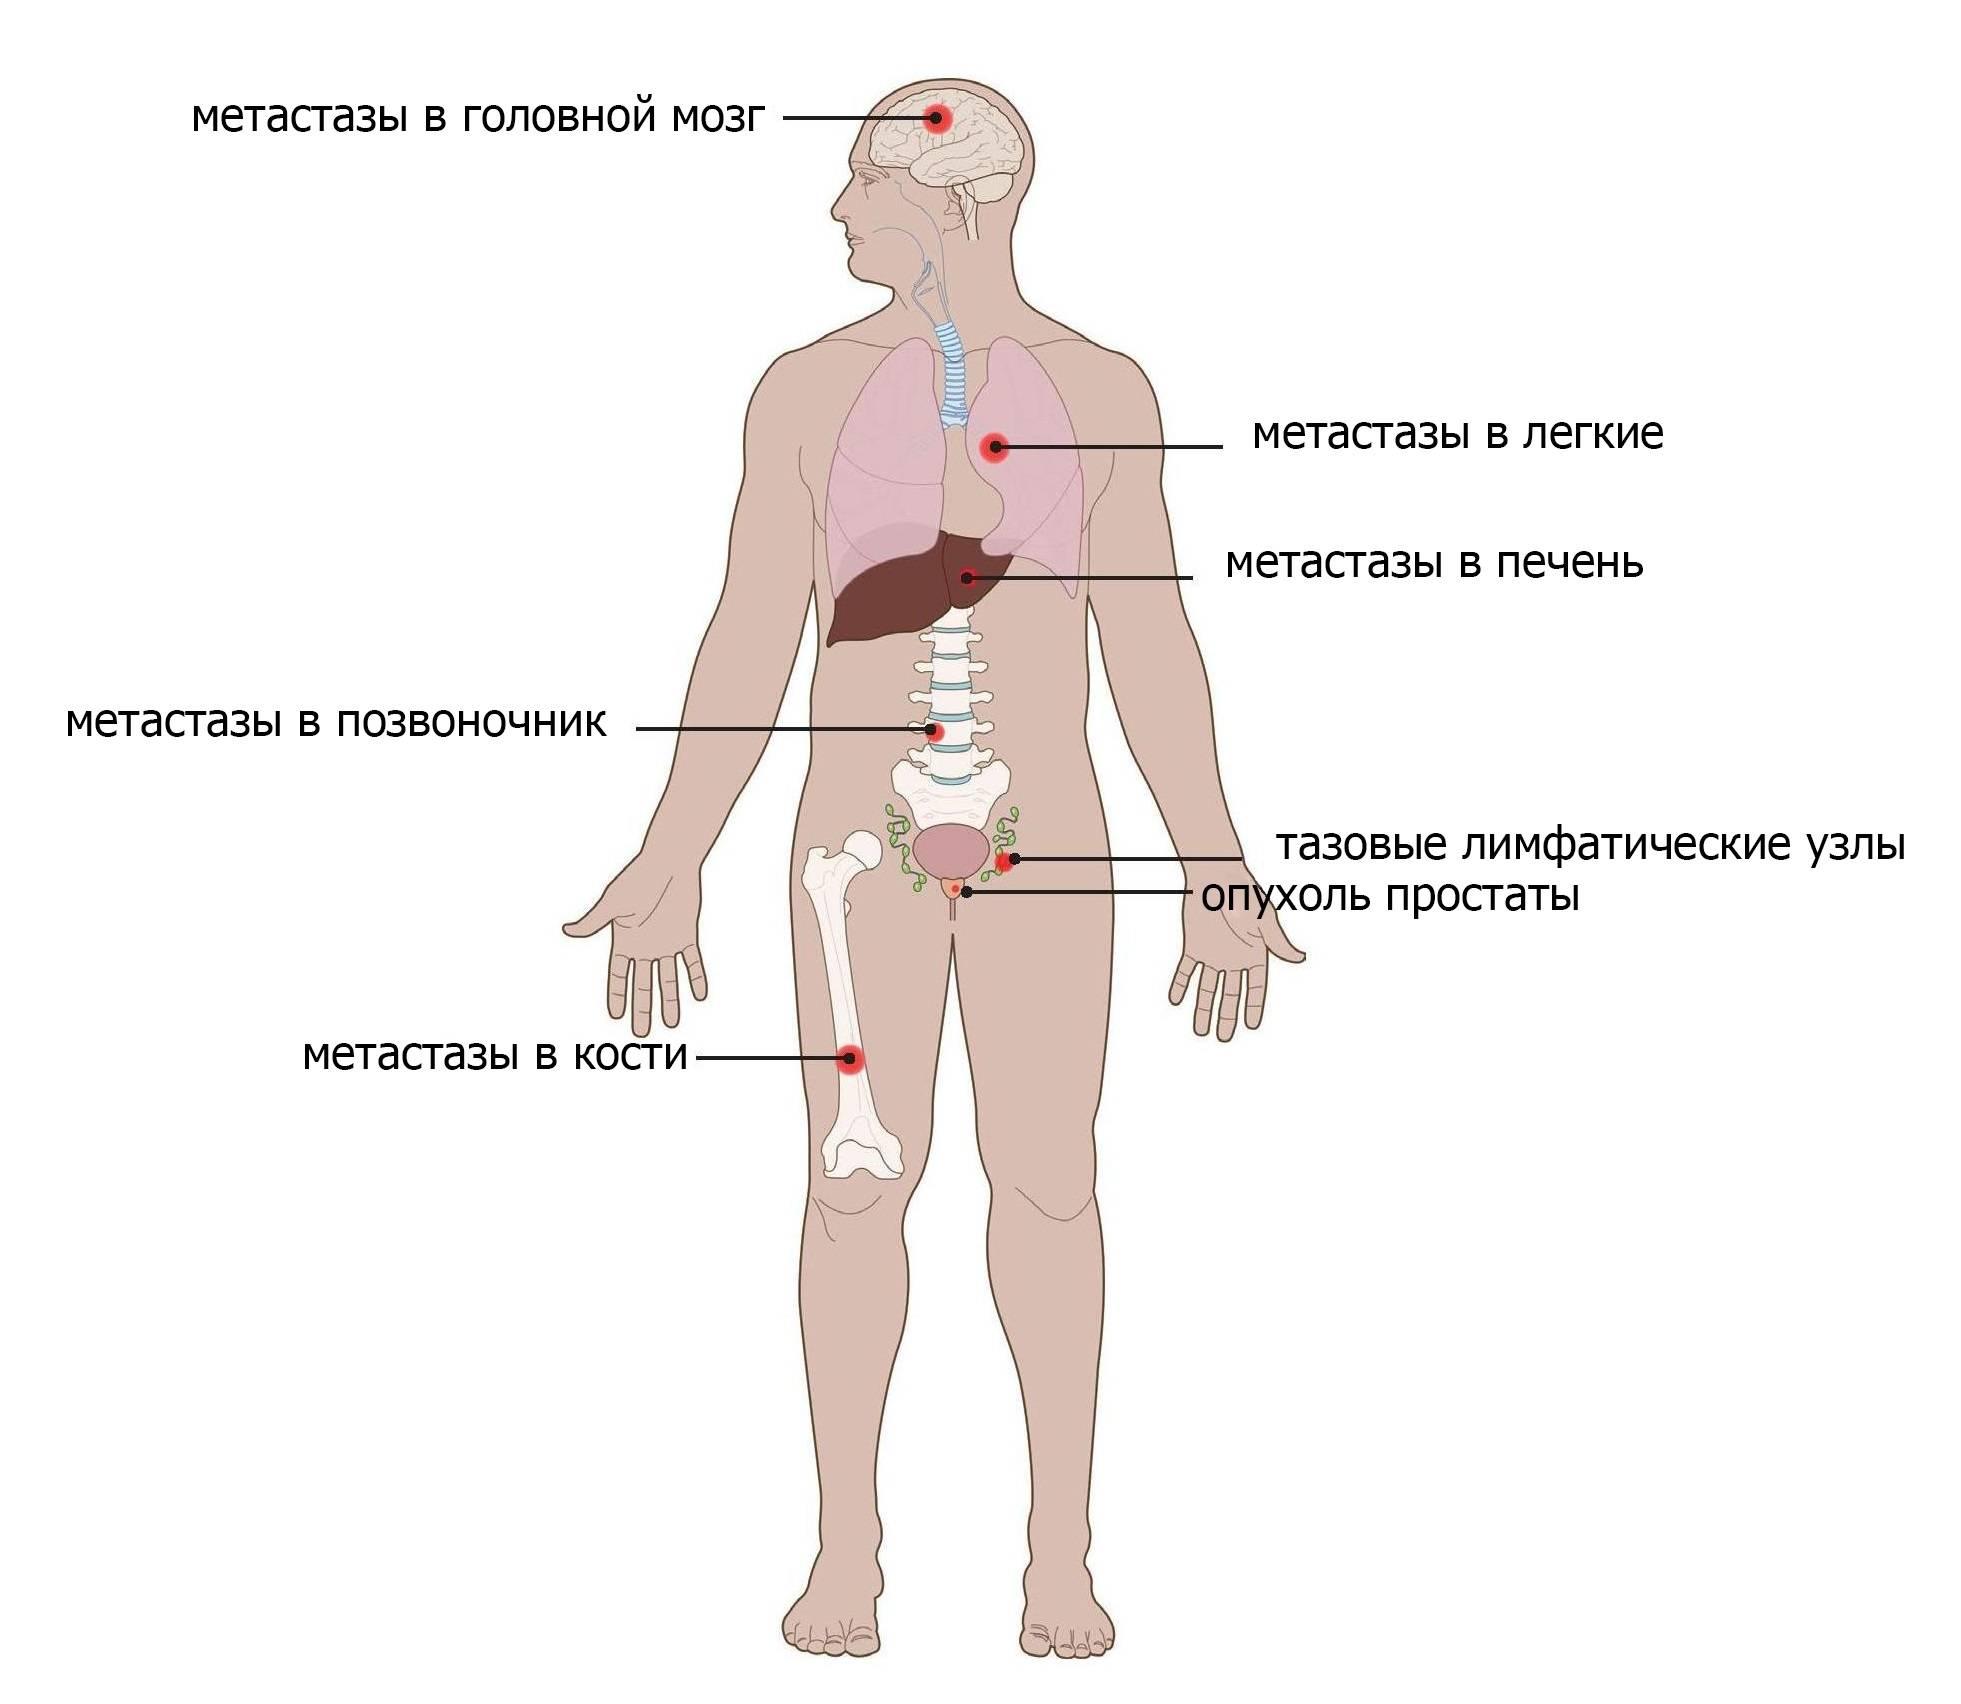 Рак молочный железы: симптомы и признаки, стадии, лечение, прогноз